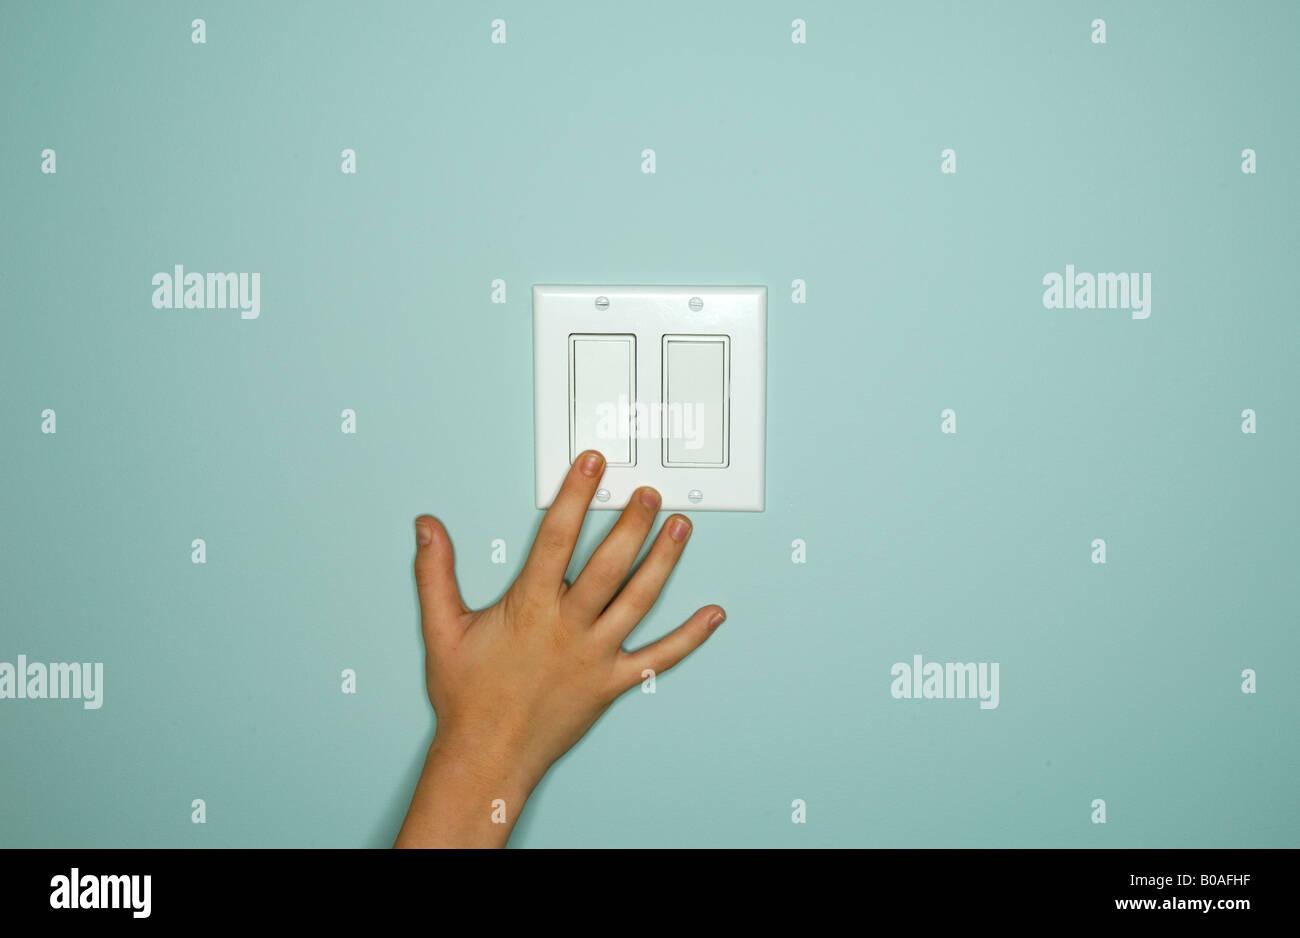 Una mano tocar o alcanzar un control de interruptor de luz Imagen De Stock